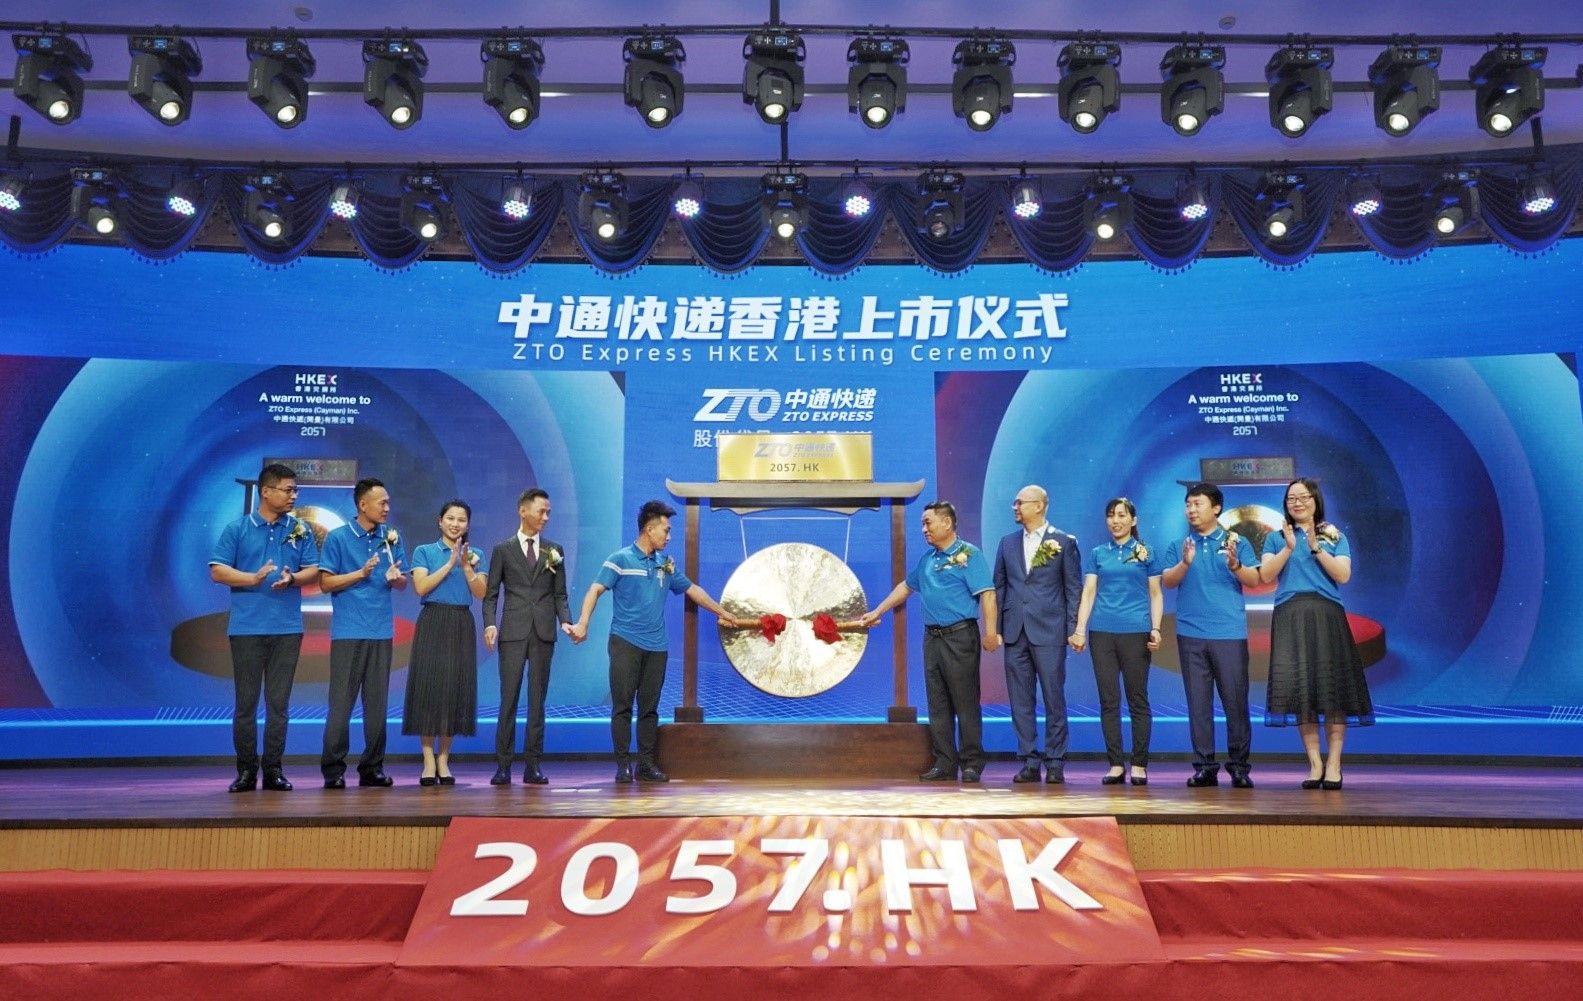 募资近百亿港元,总市值达2070亿港元,中通快递香港鸣锣上市!